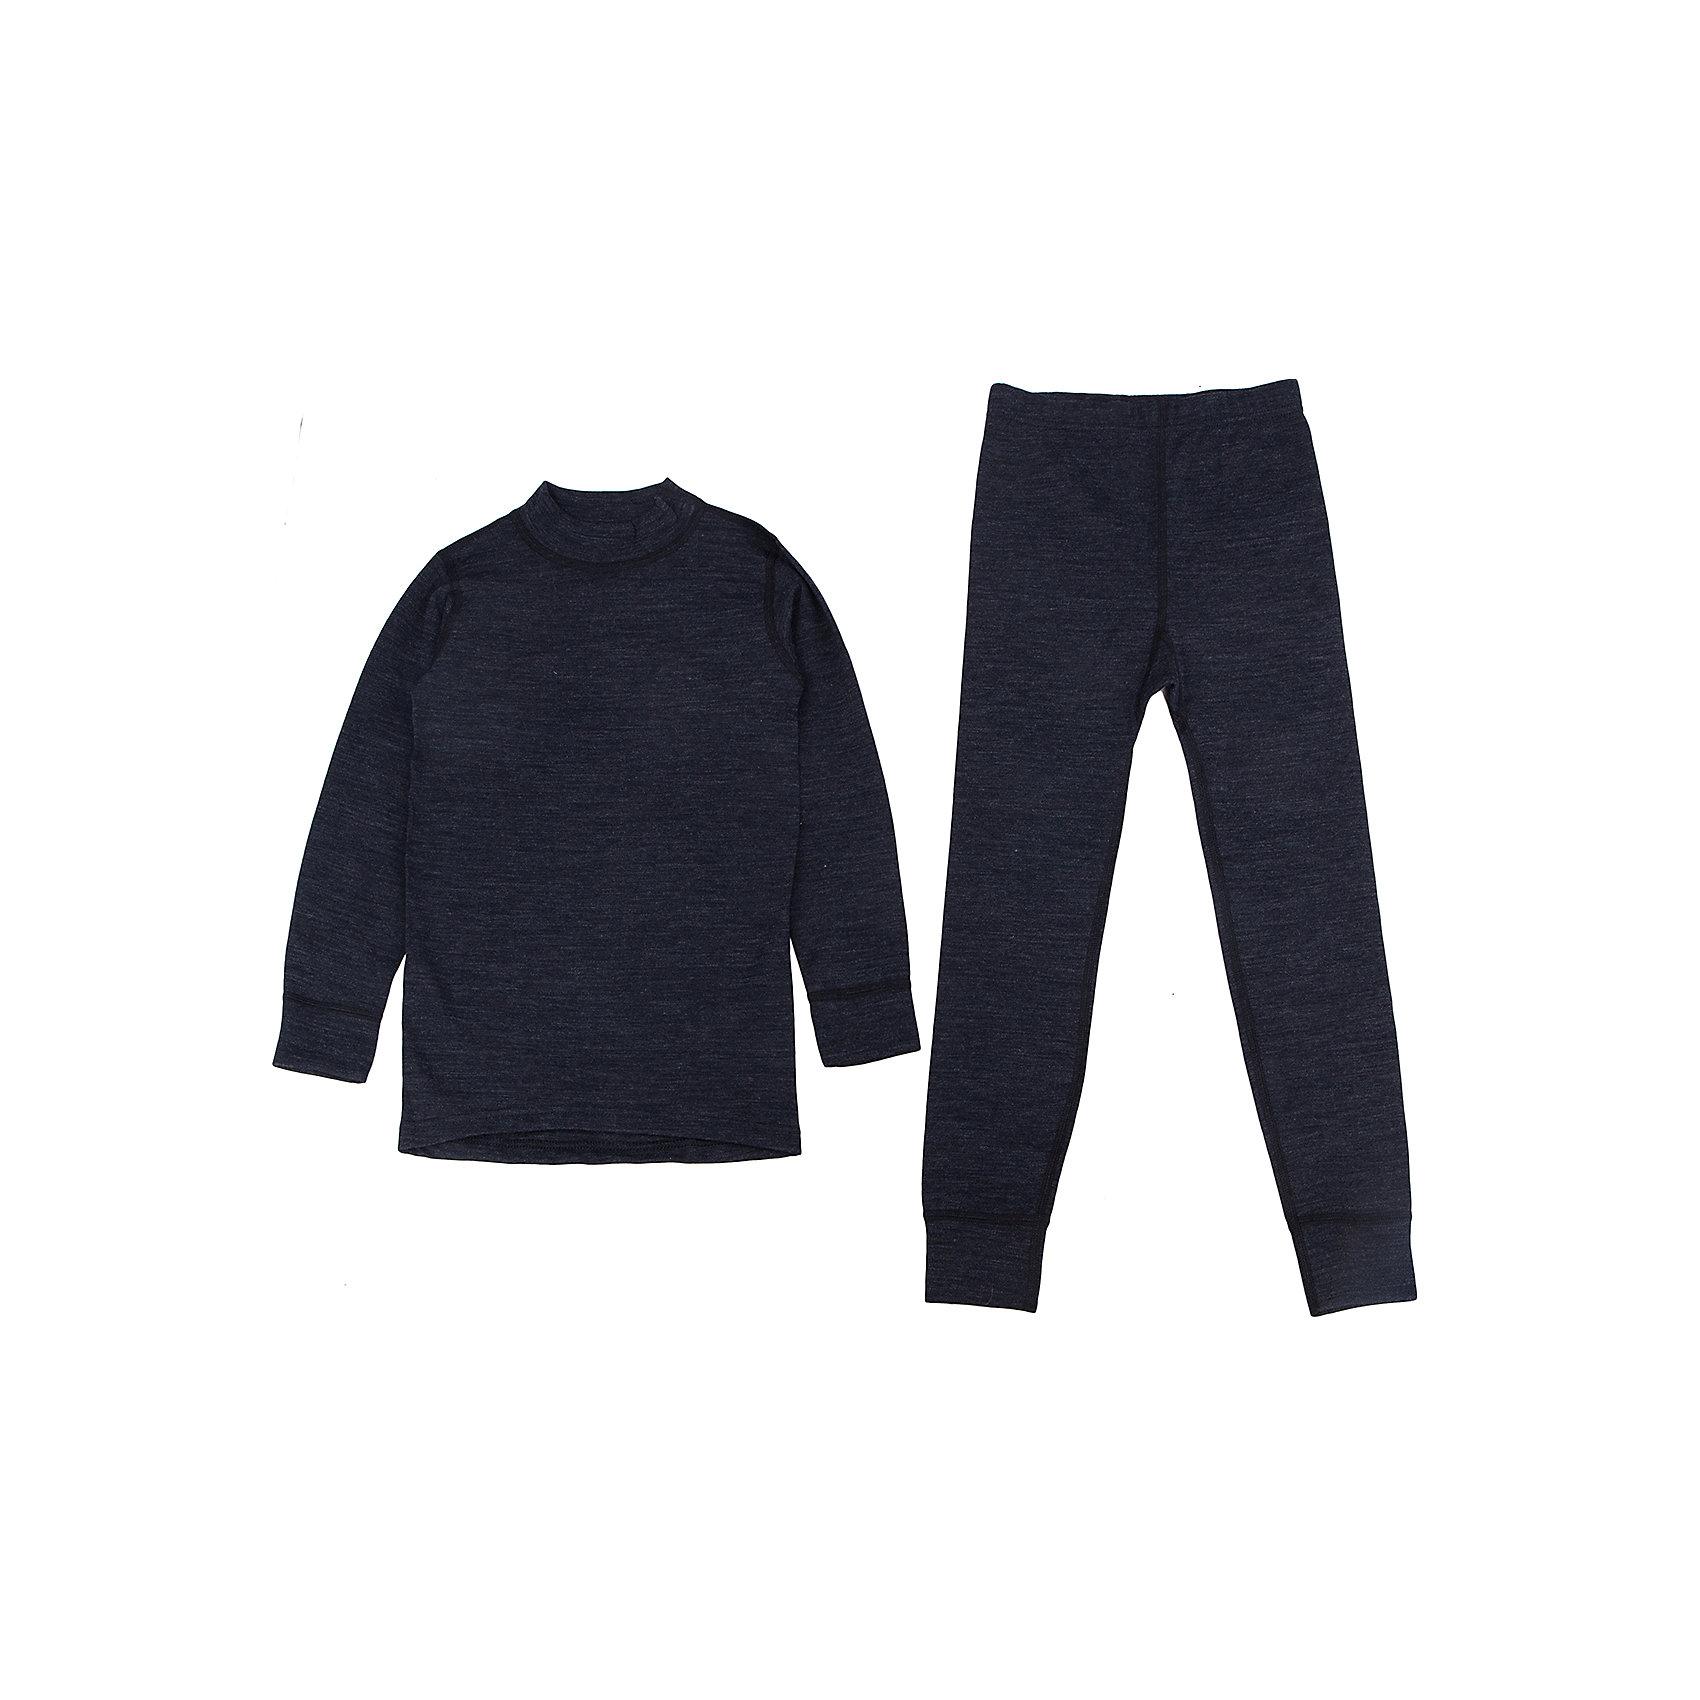 Комплект: футболка с длинным рукавом и брюки Norveg